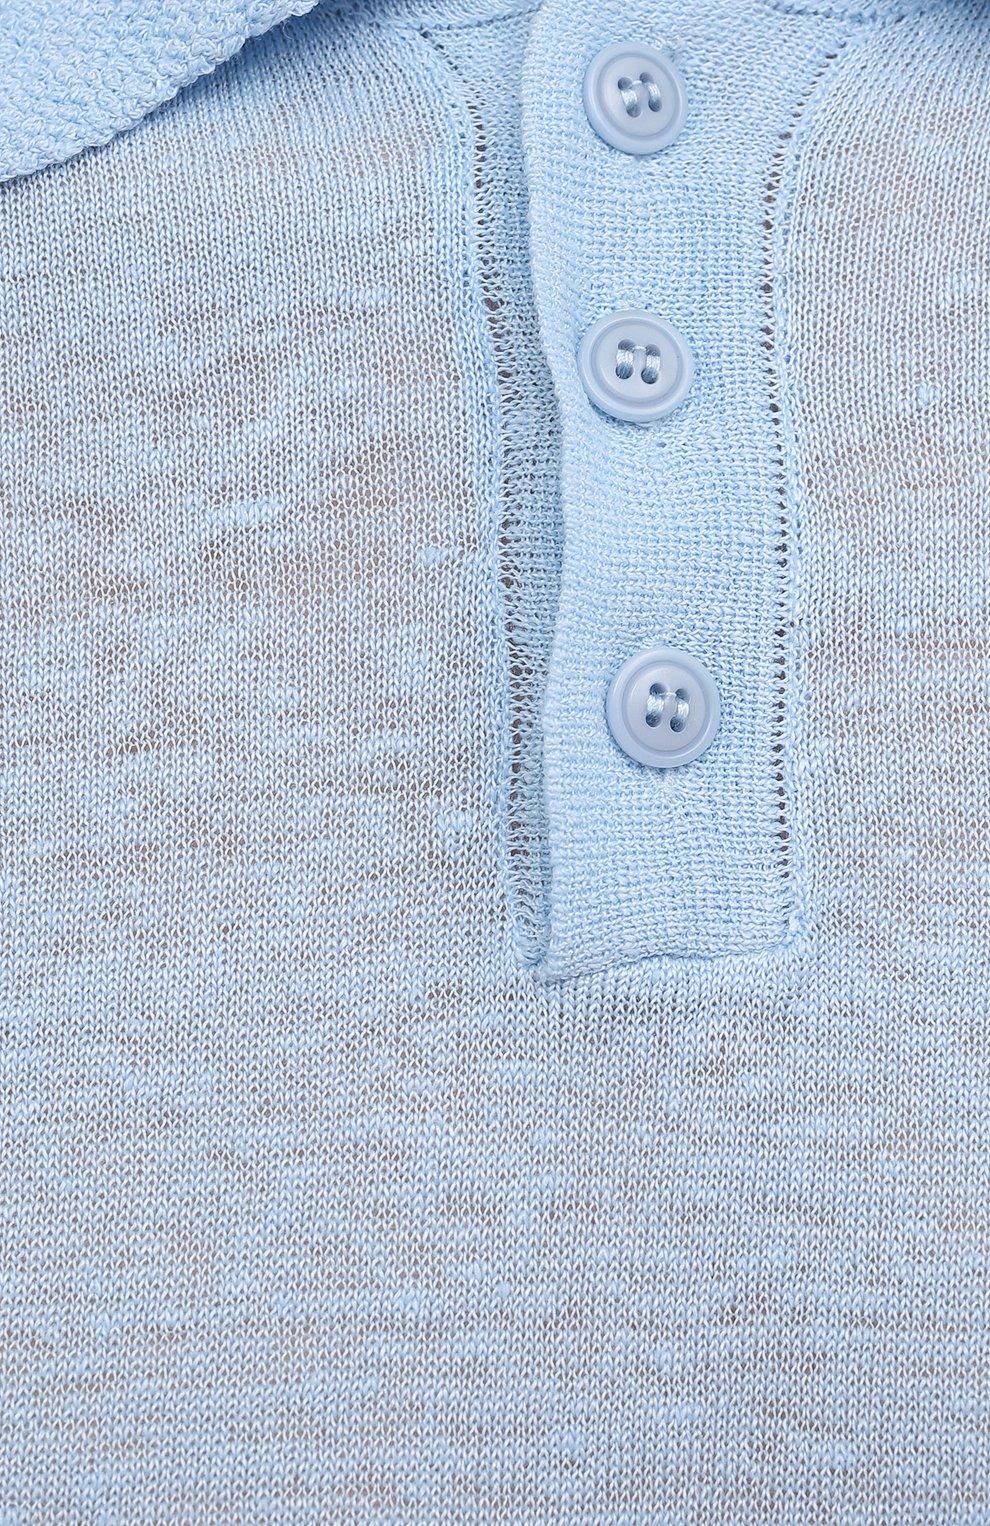 Мужское льняное поло DANIELE FIESOLI голубого цвета, арт. DF 7027   Фото 5 (Застежка: Пуговицы; Рукава: Короткие; Длина (для топов): Стандартные; Кросс-КТ: Трикотаж; Материал внешний: Лен; Стили: Кэжуэл)